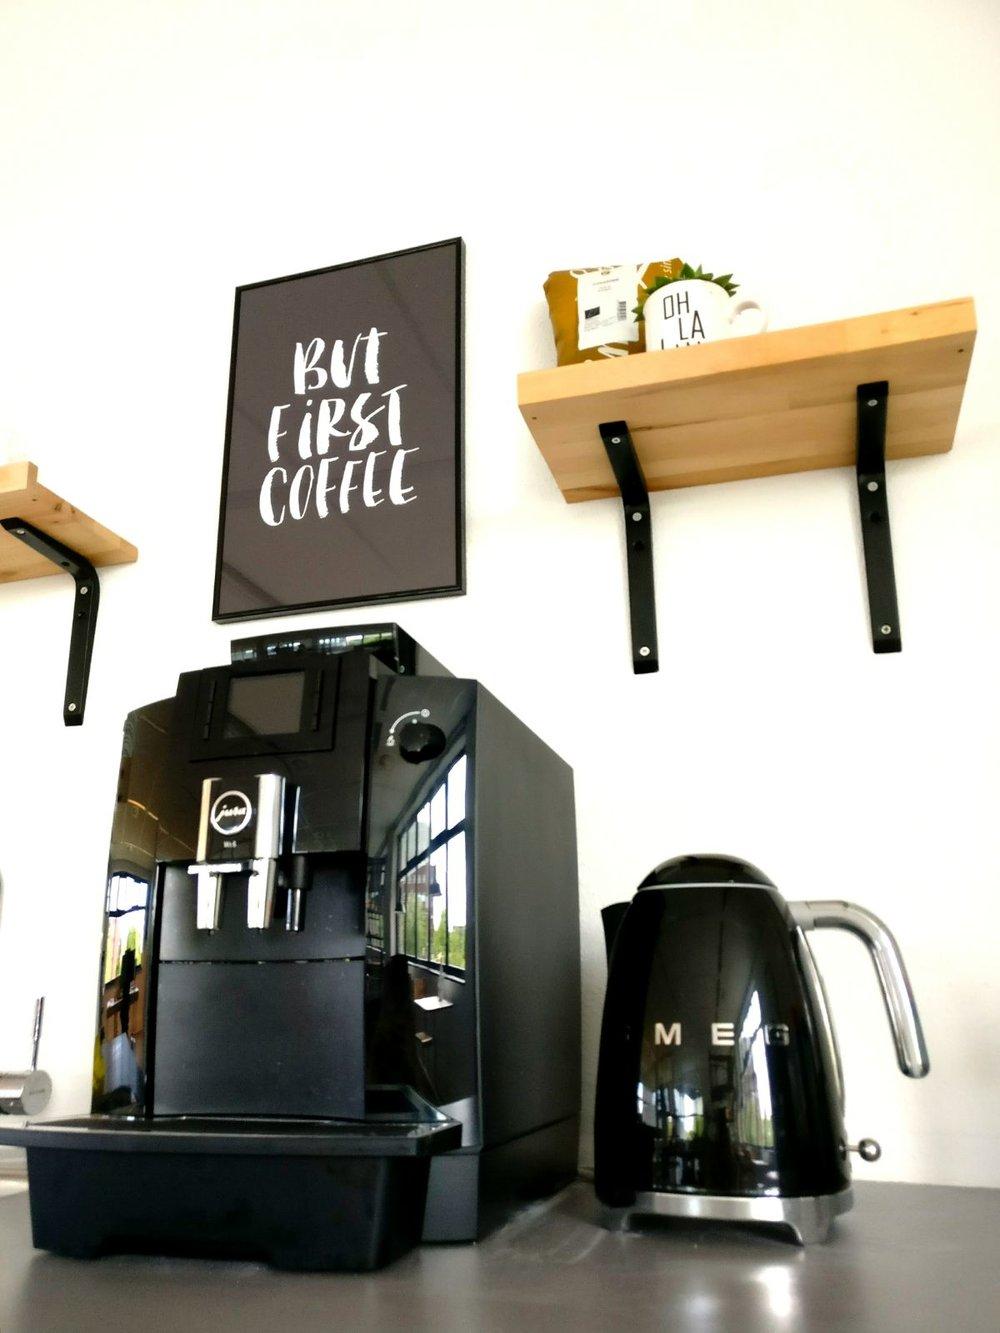 moderne kantoorruimte licht industriële keuken koffieapparaat jura.jpg